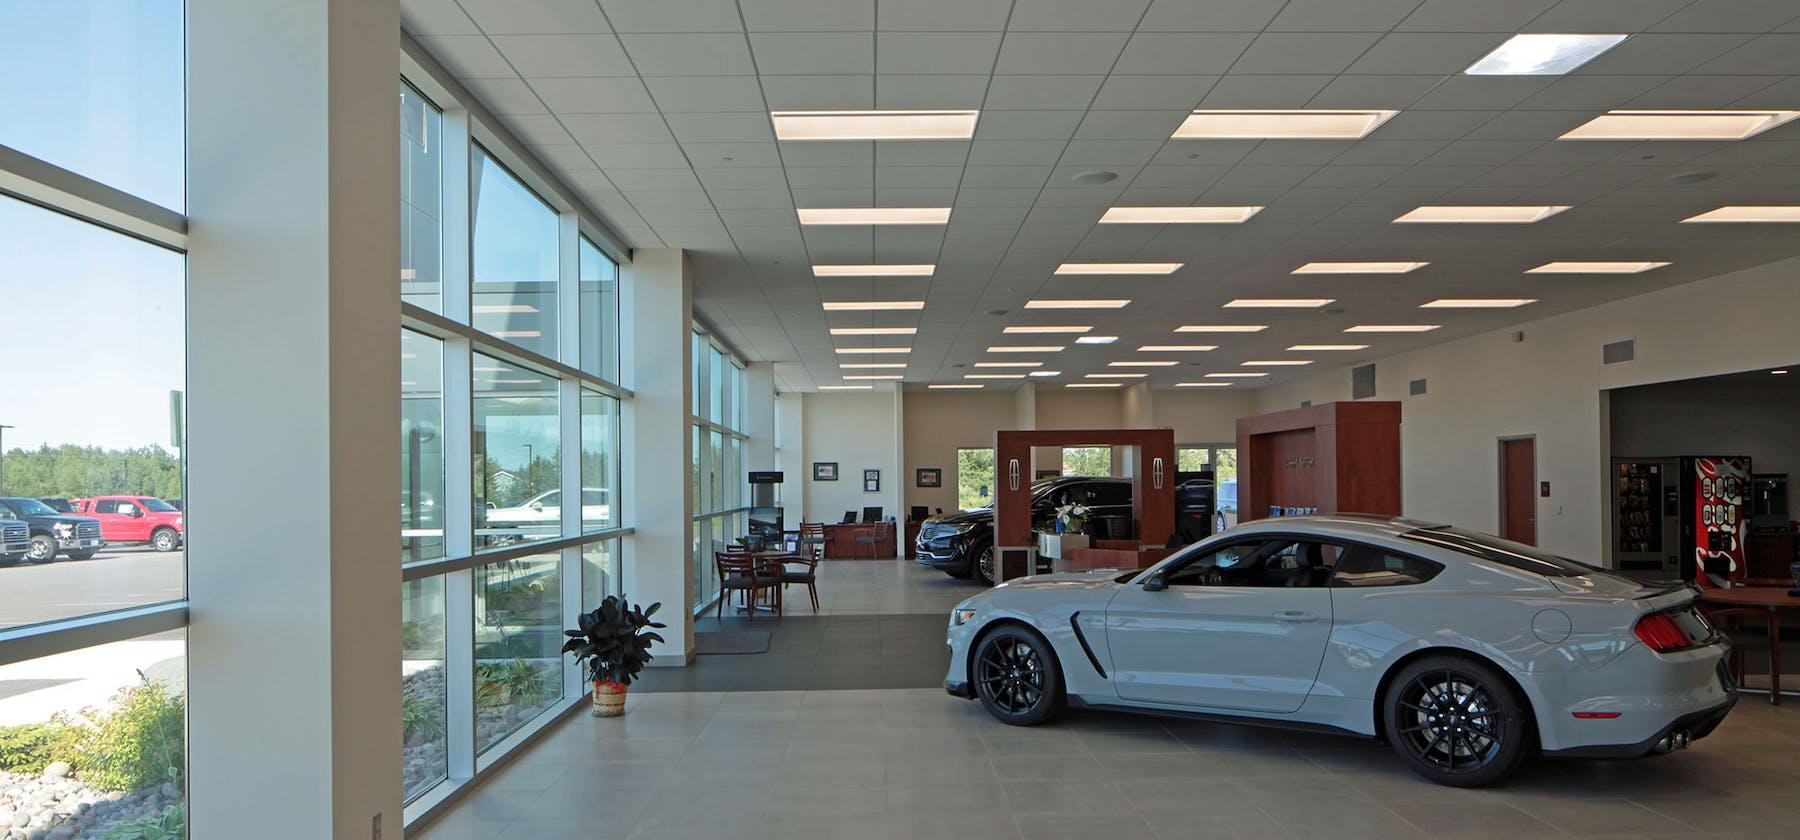 Soo Motors interior show room